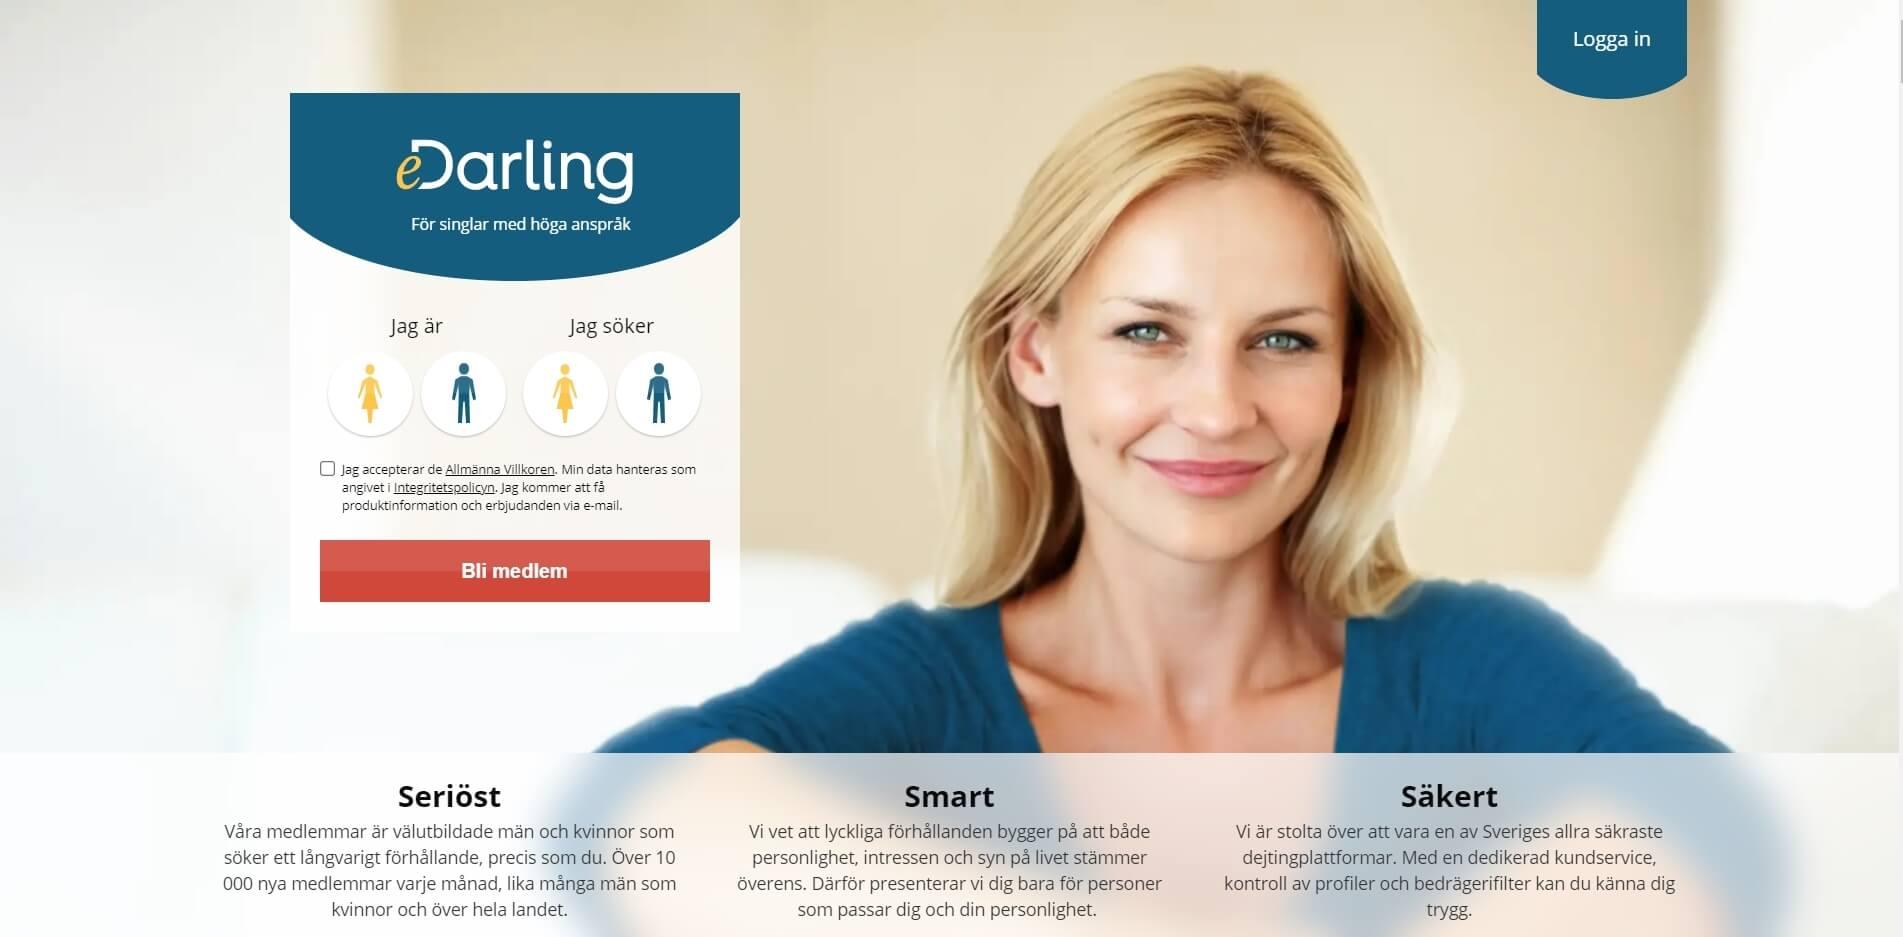 eDarling Website Screenshot